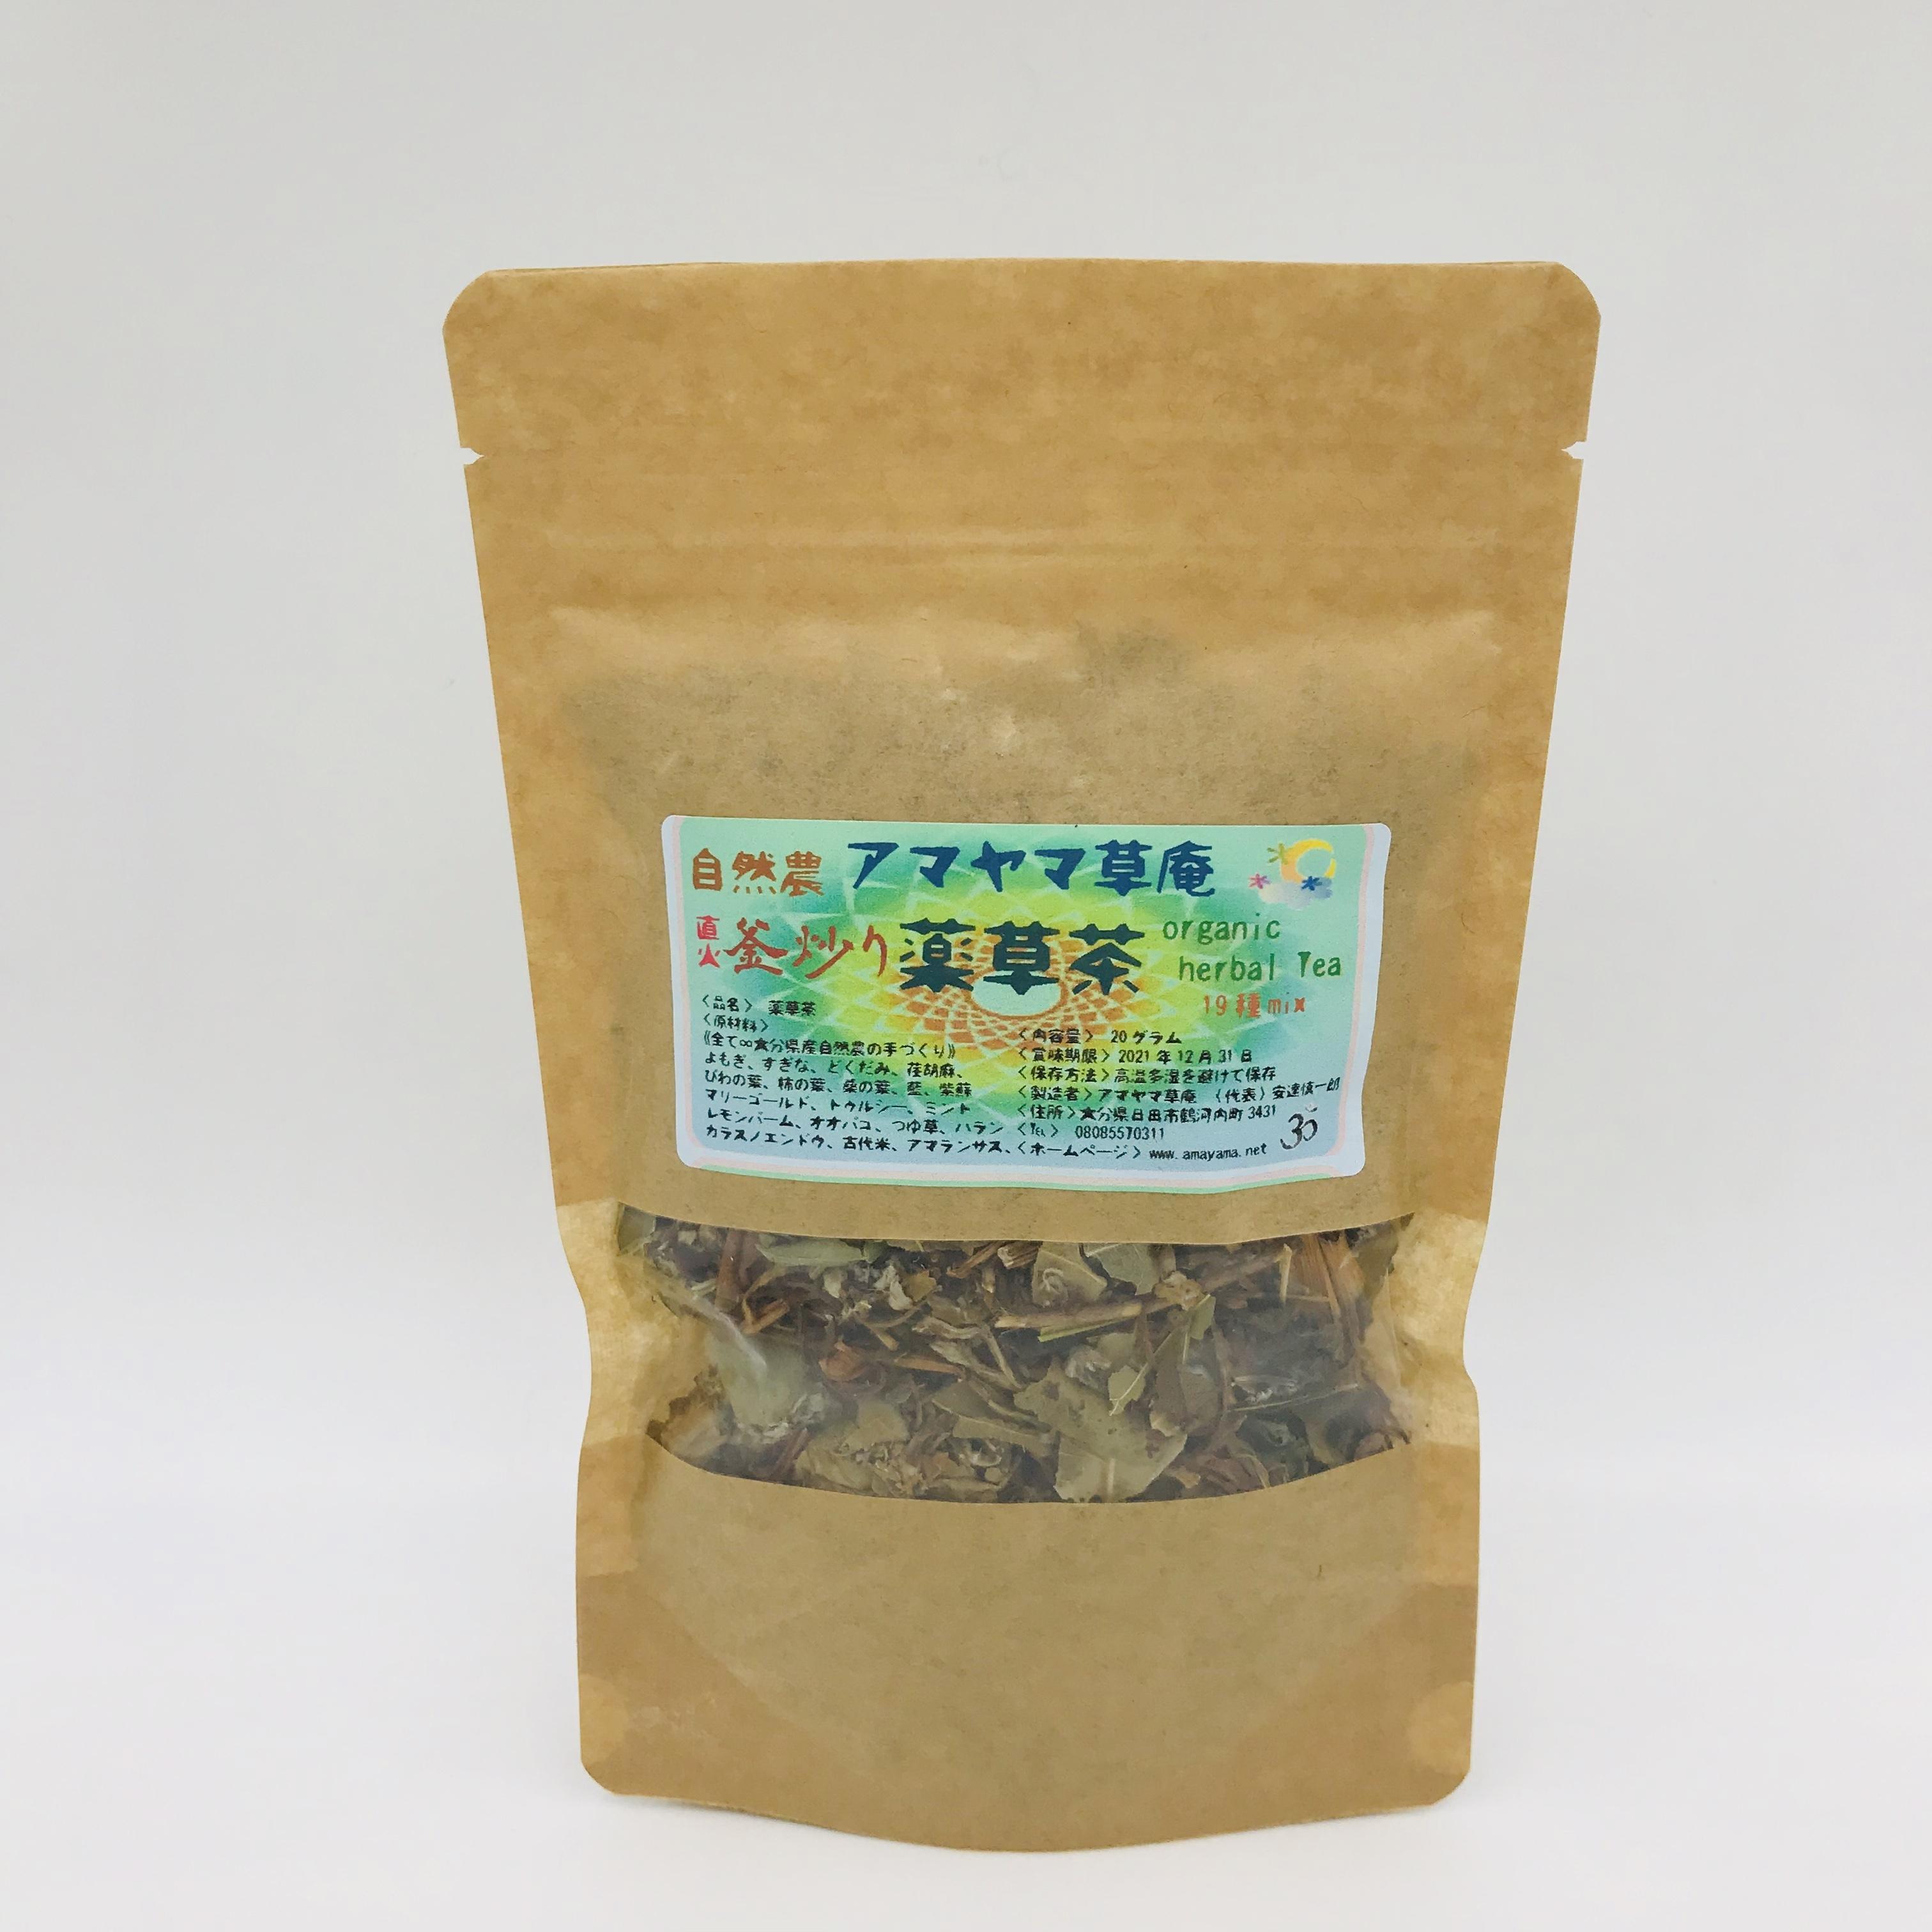 自然農の釜炒り薬草茶